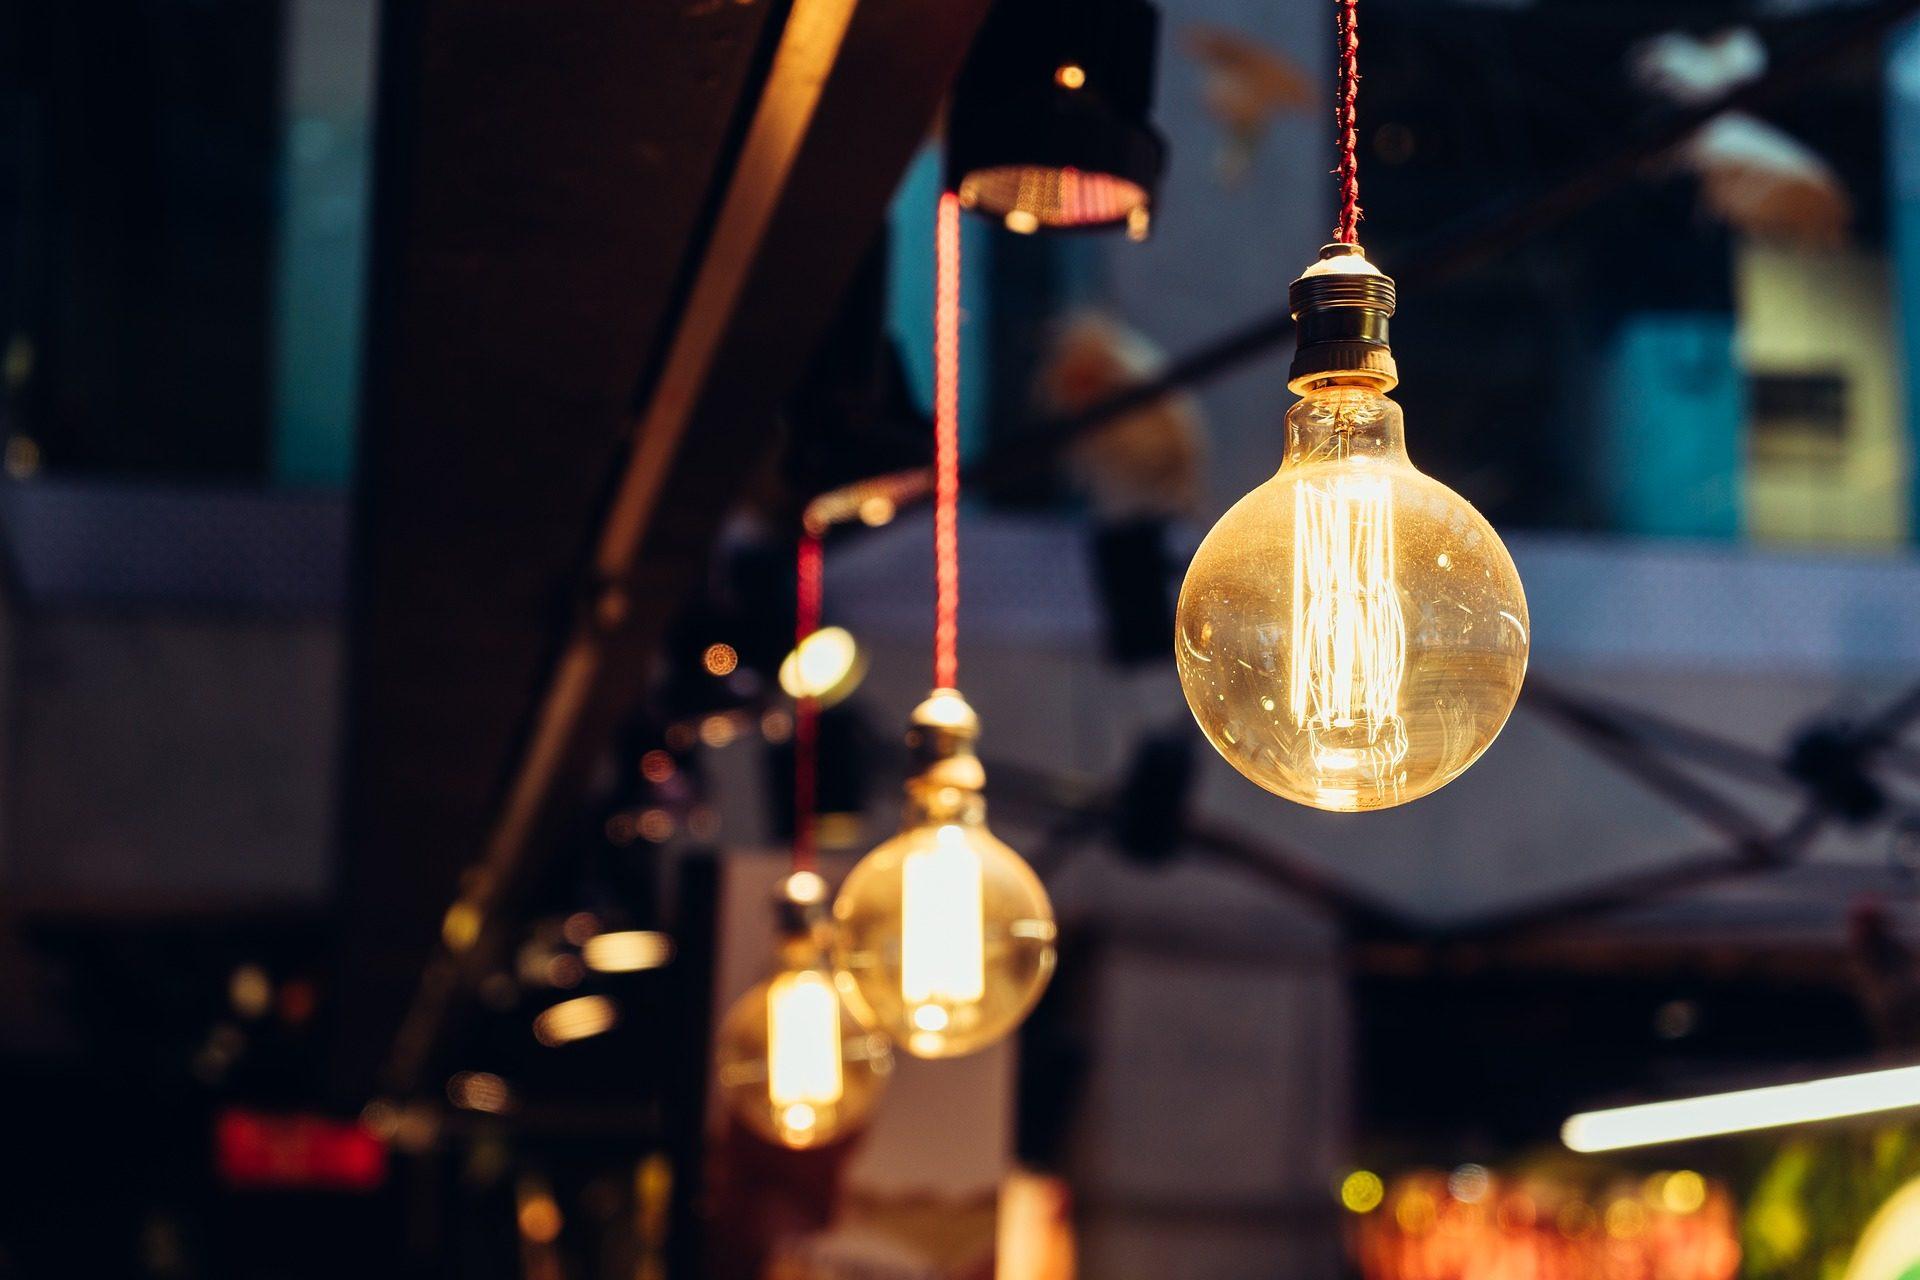 лампочки, фары, резисторы, нити, яркость - Обои HD - Профессор falken.com